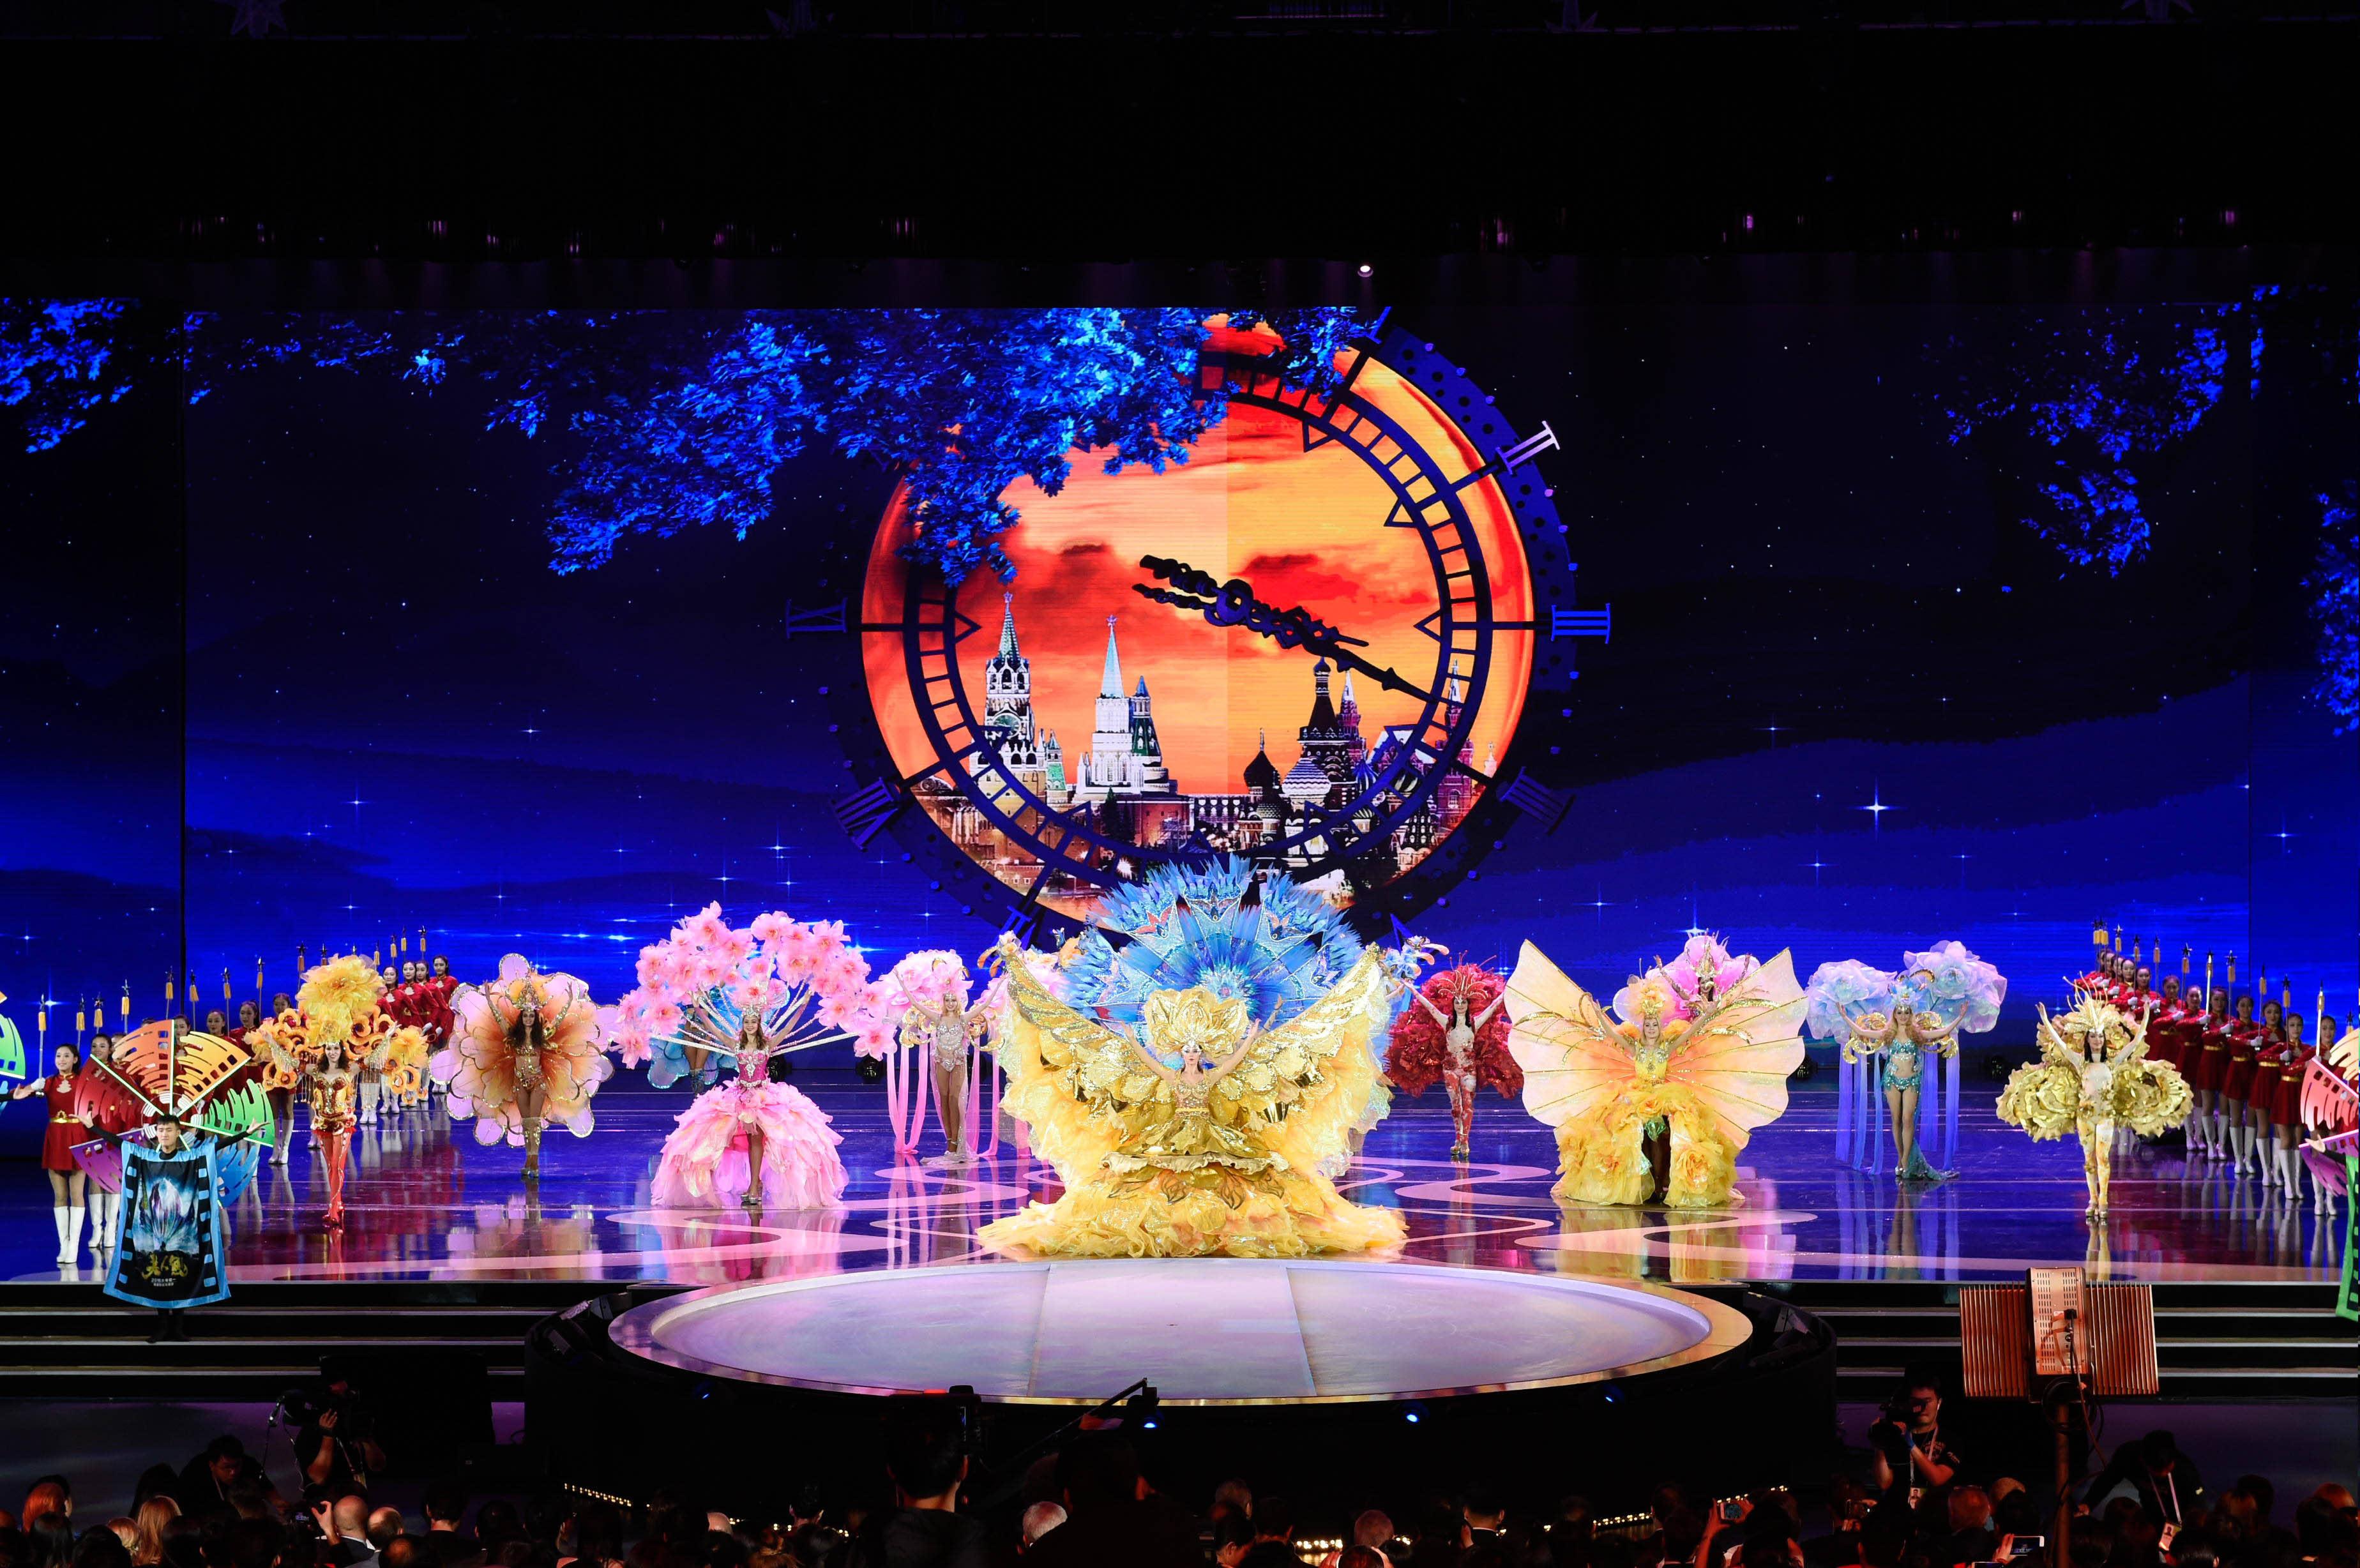 全景回顾丨第六届北京国际电影节图片